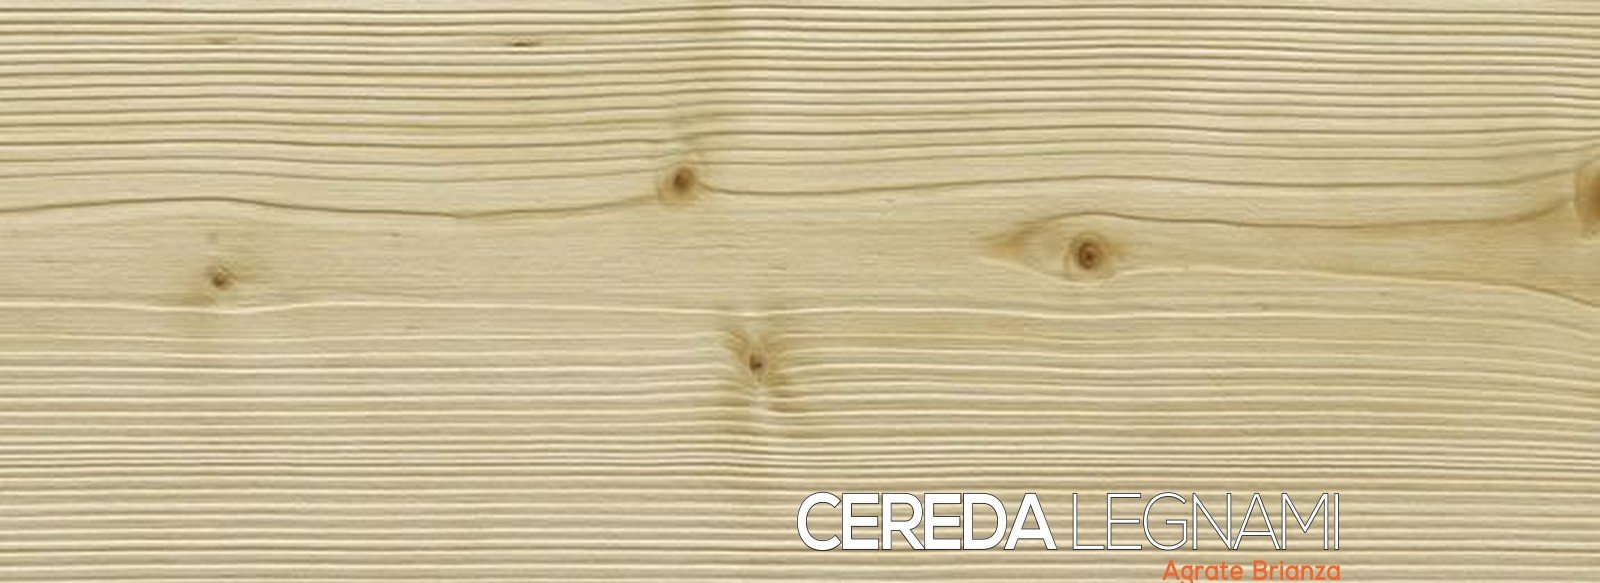 Tavole per rivetimento parete interna cereda legnami agrate brianza - Parete interna in legno ...